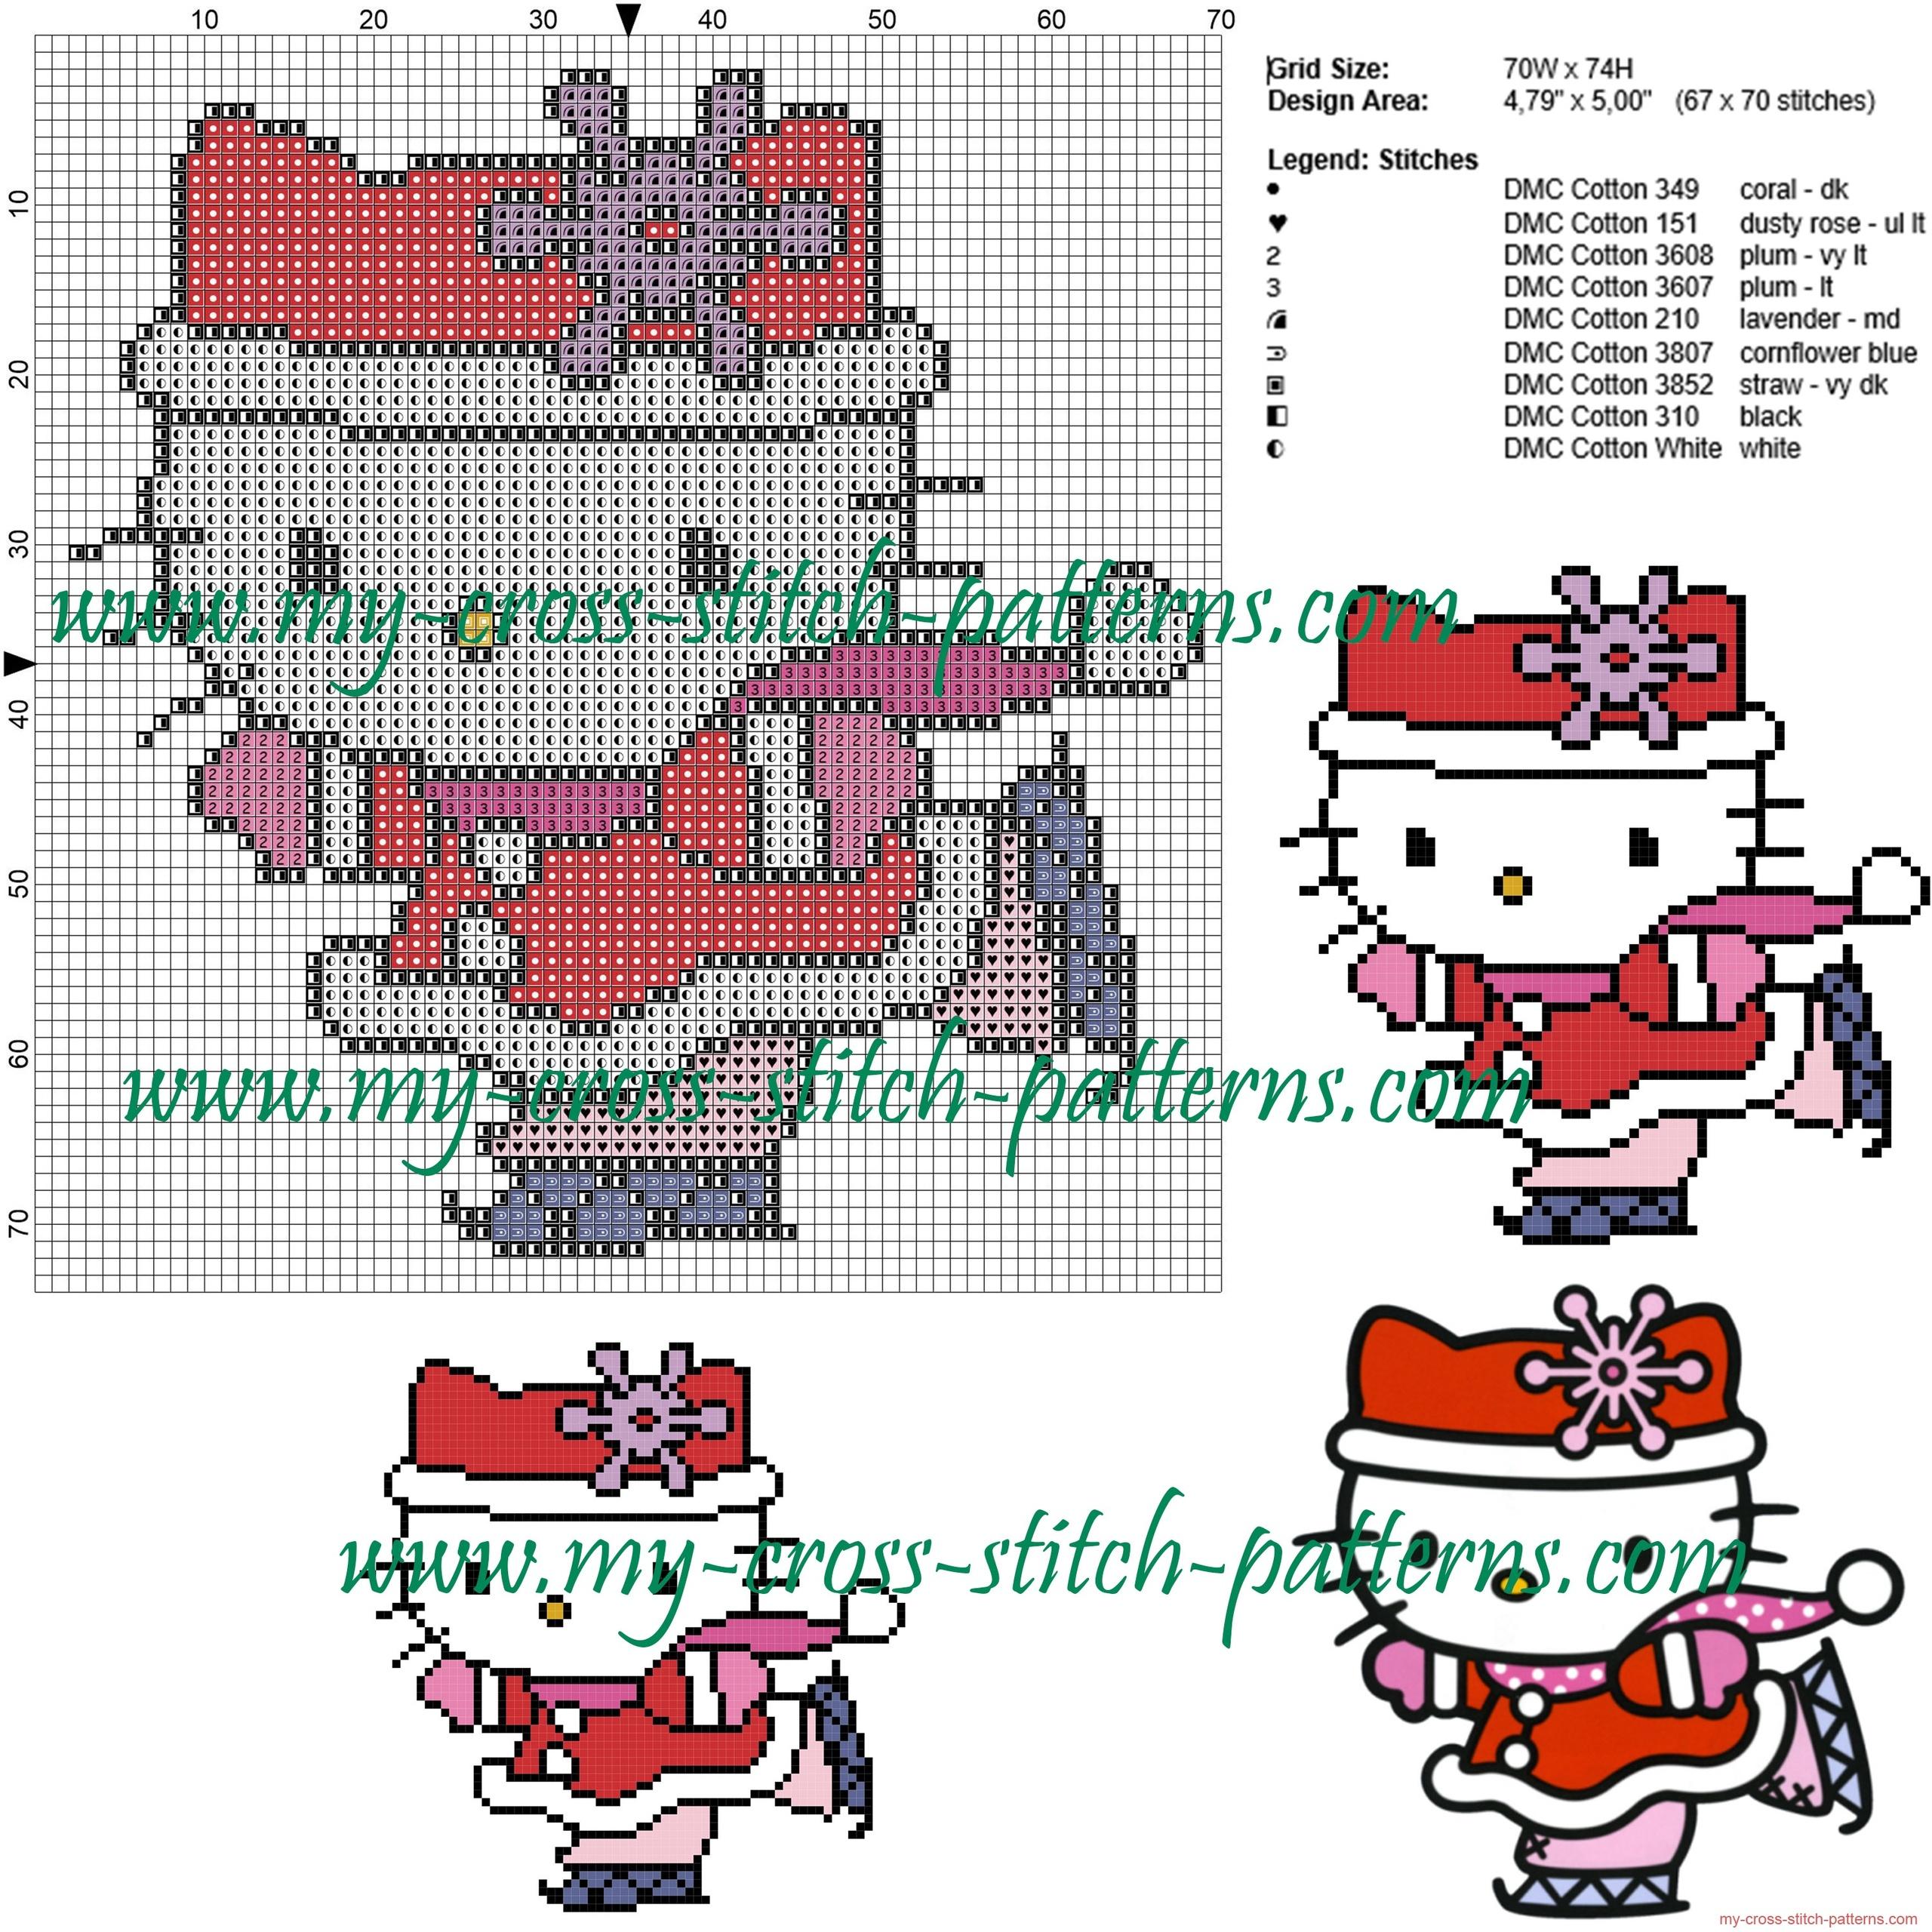 hello_kitty_cross_stitch_pattern_